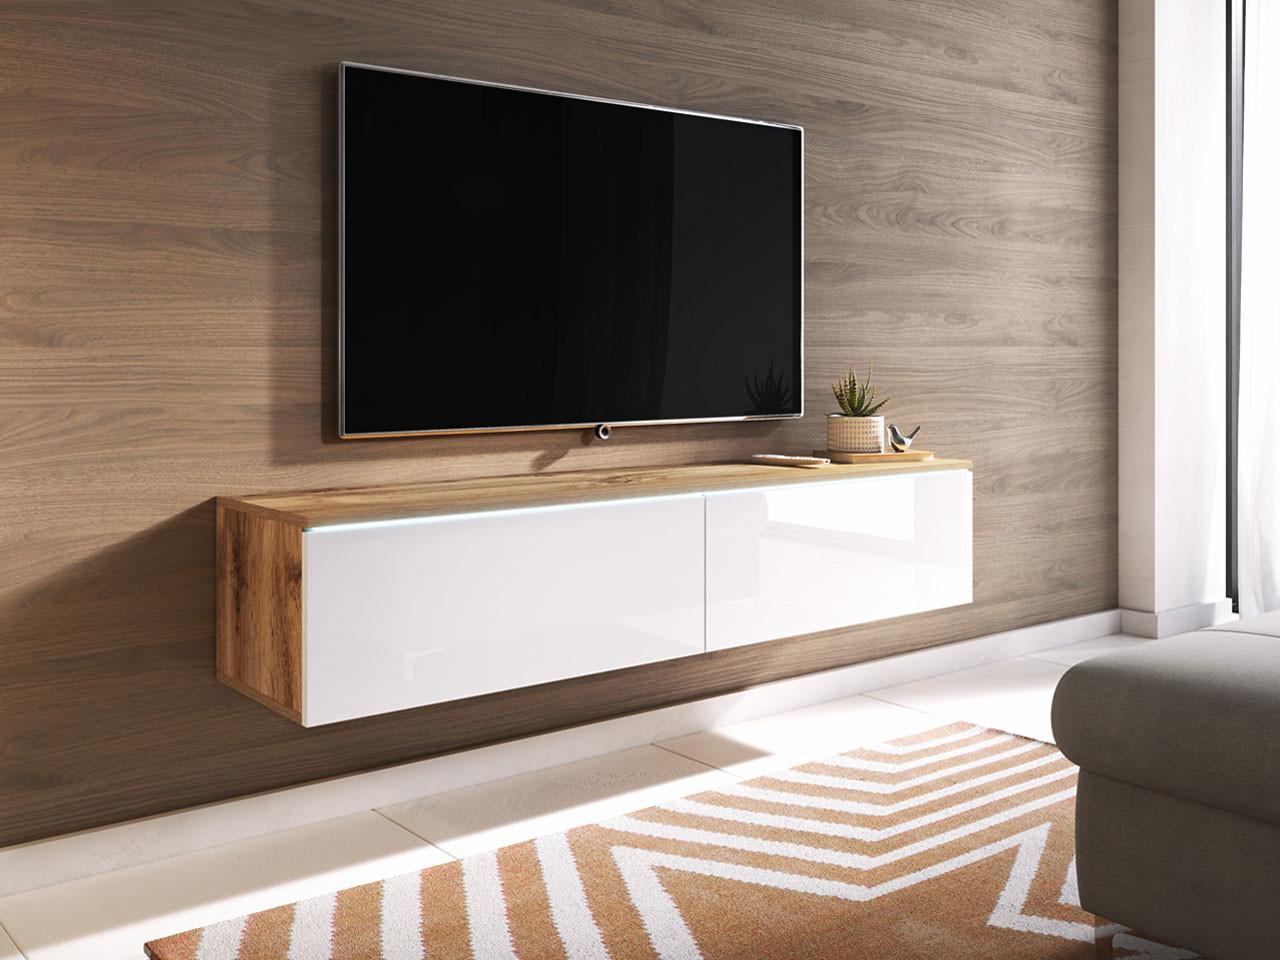 MKS MEBLE Szafka wisząca pod telewizor 140cm, opcja LED - Wotan/Biały LOWD1400W